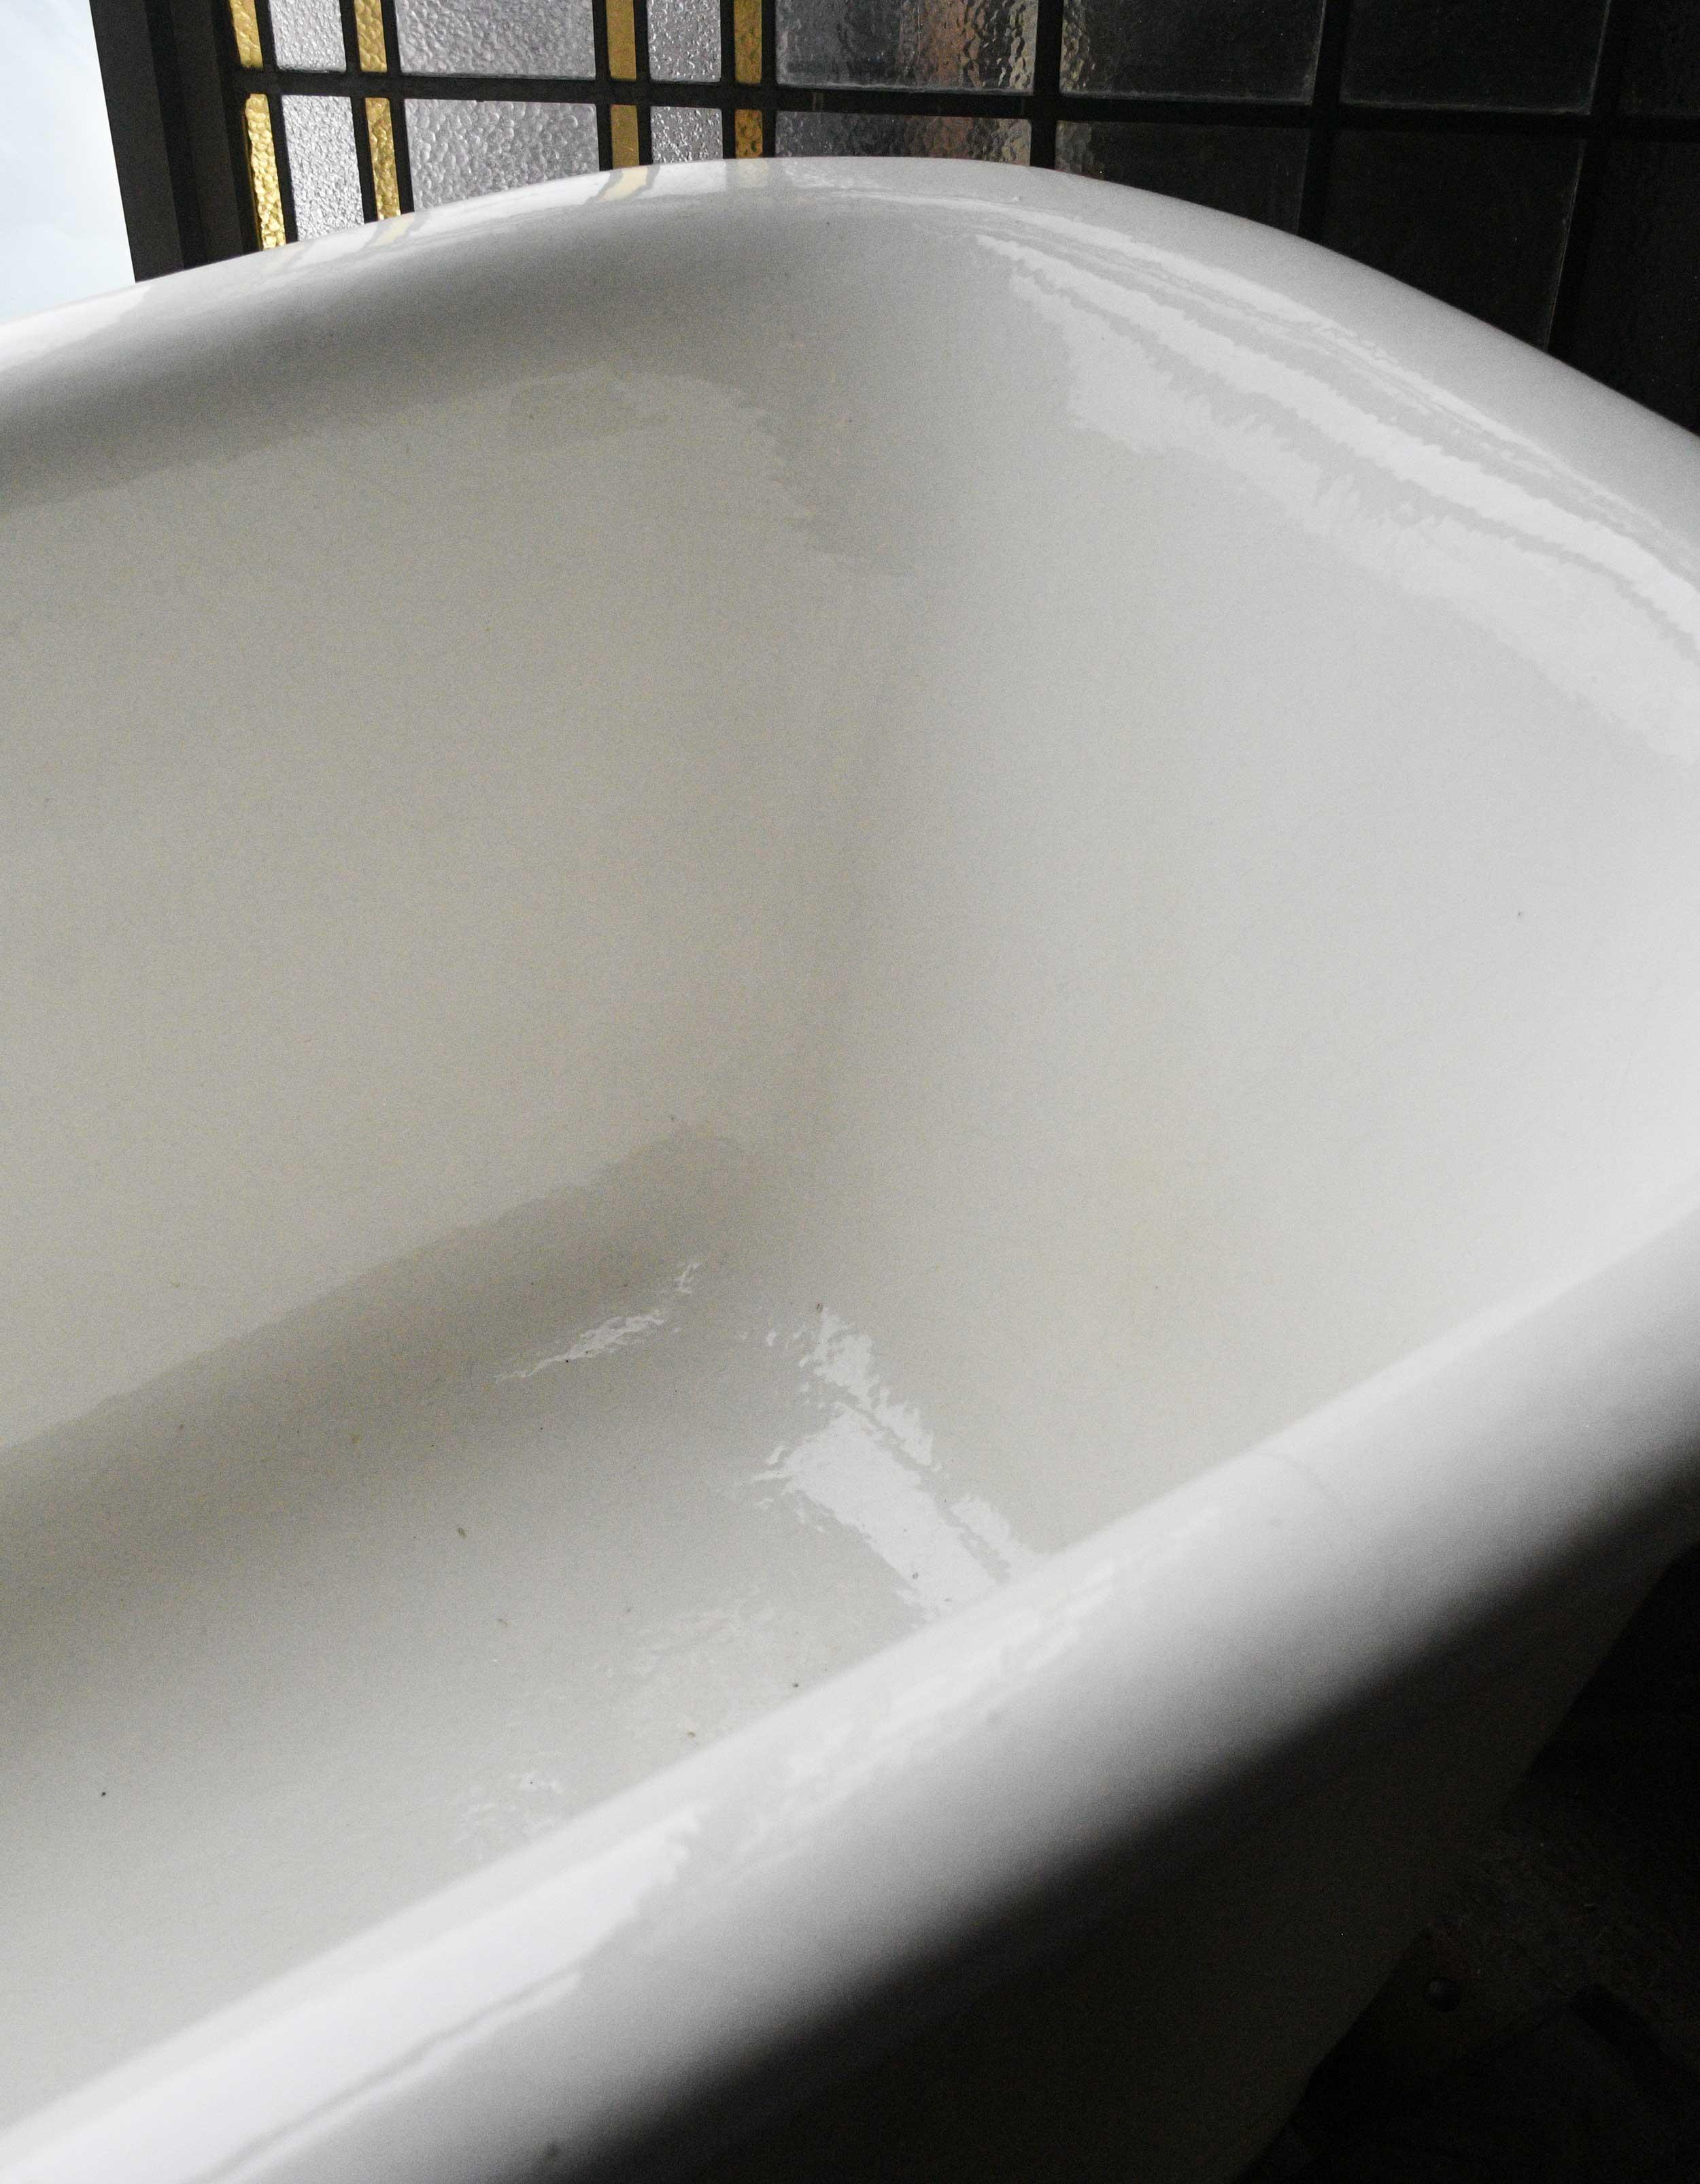 47841-porcelain-center-drain-tub-detail3.jpg